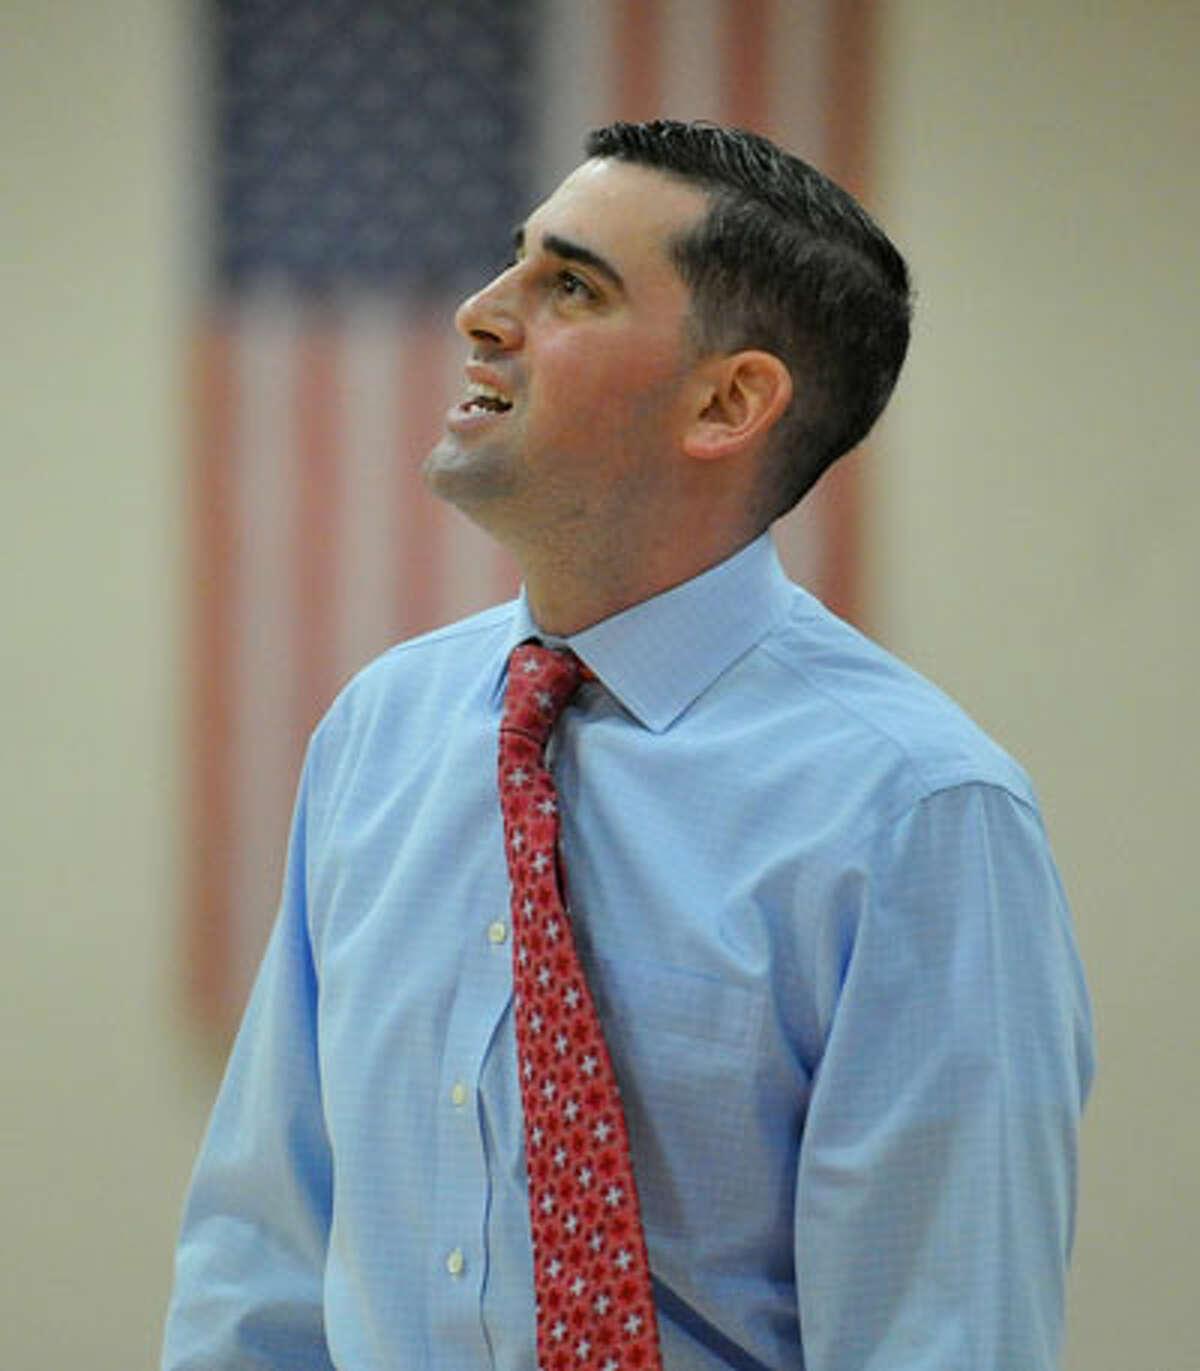 New Canaan boys basketball coach Danny Melzer. - Greg Vasil/Hearst Connecticut Media